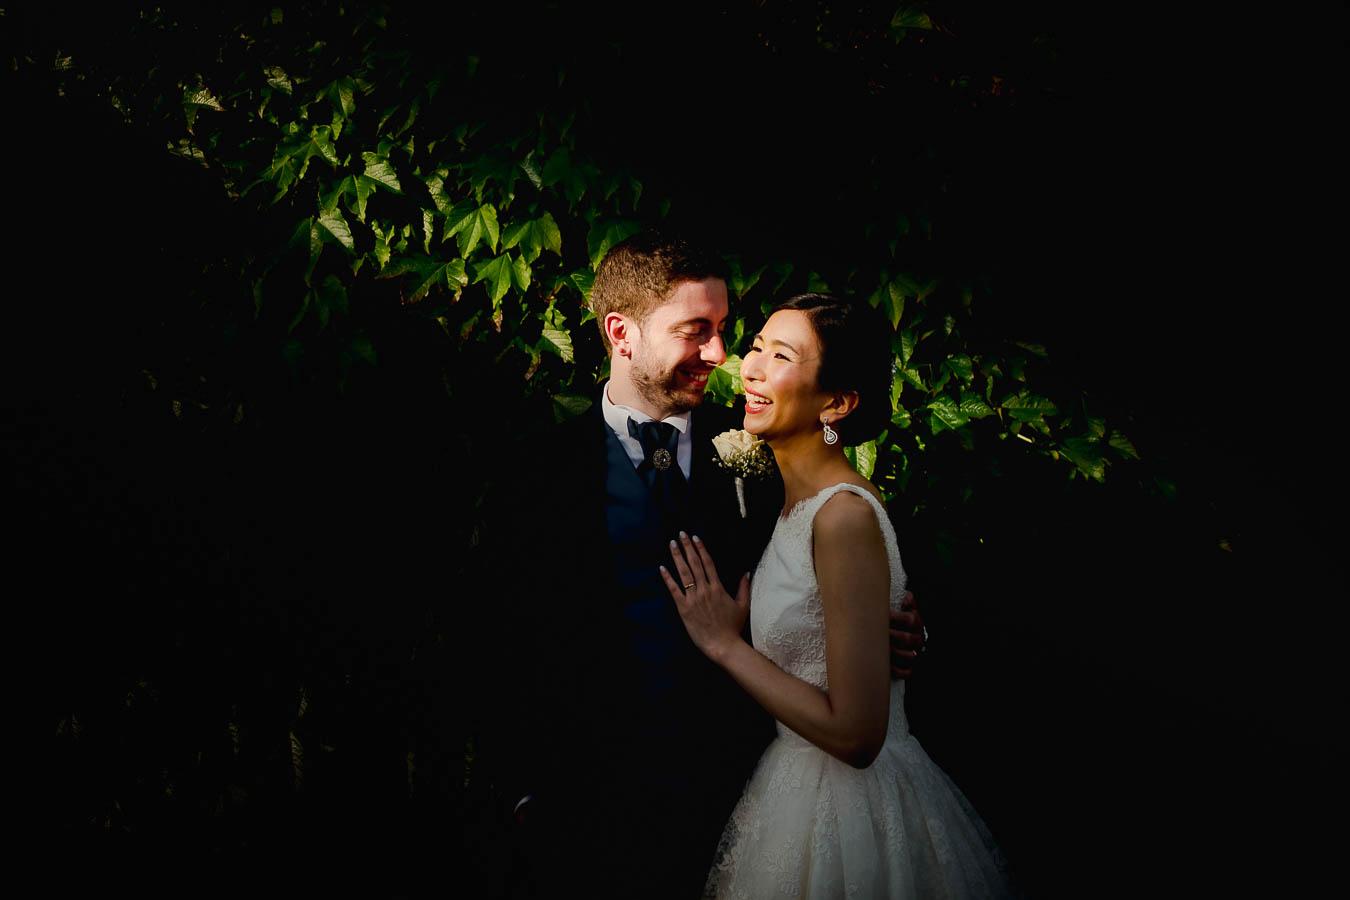 wedding foto reportage Luca Savino Italy